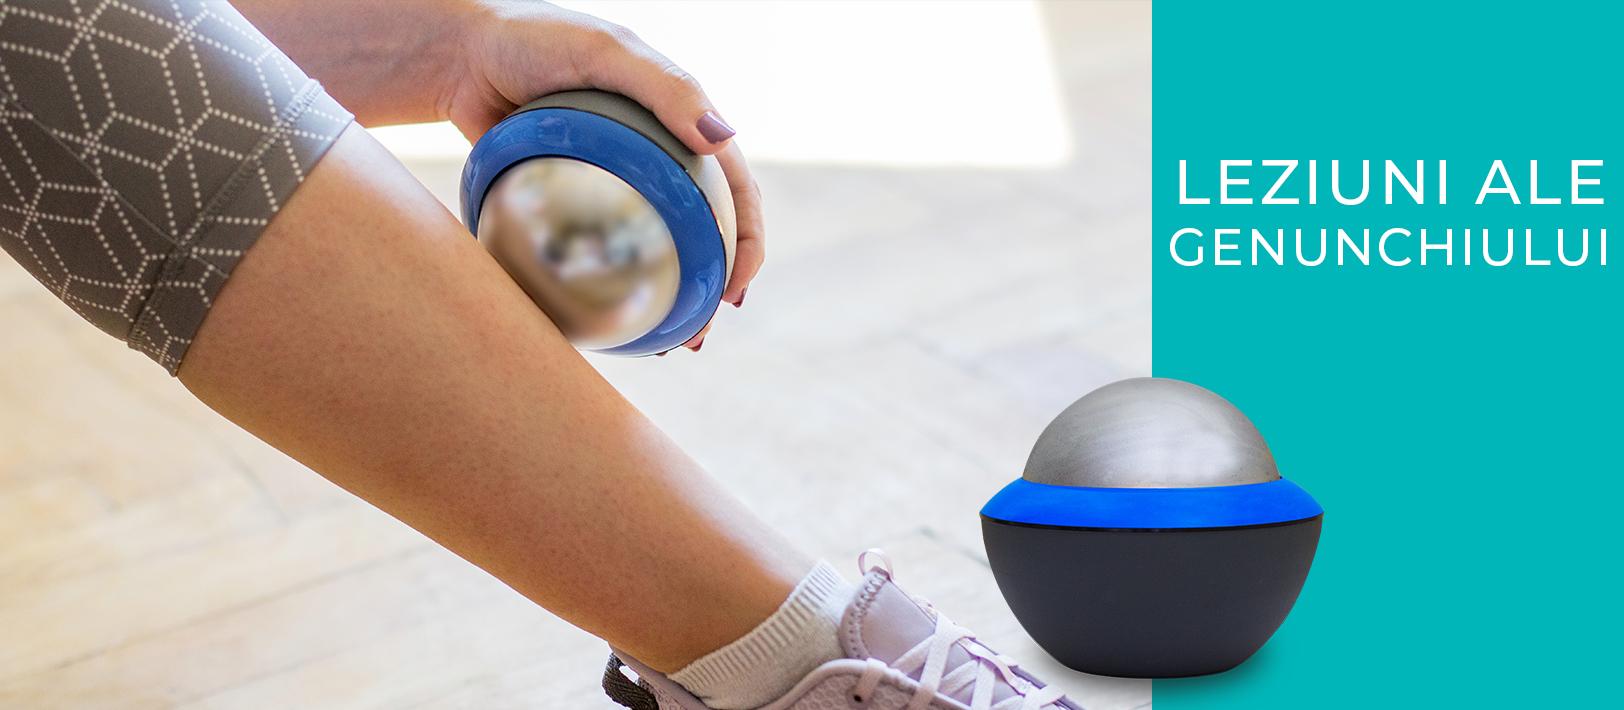 meniscus tratamentul articulațiilor genunchiului menisc exerciții de tratament cu artroză gimnastică